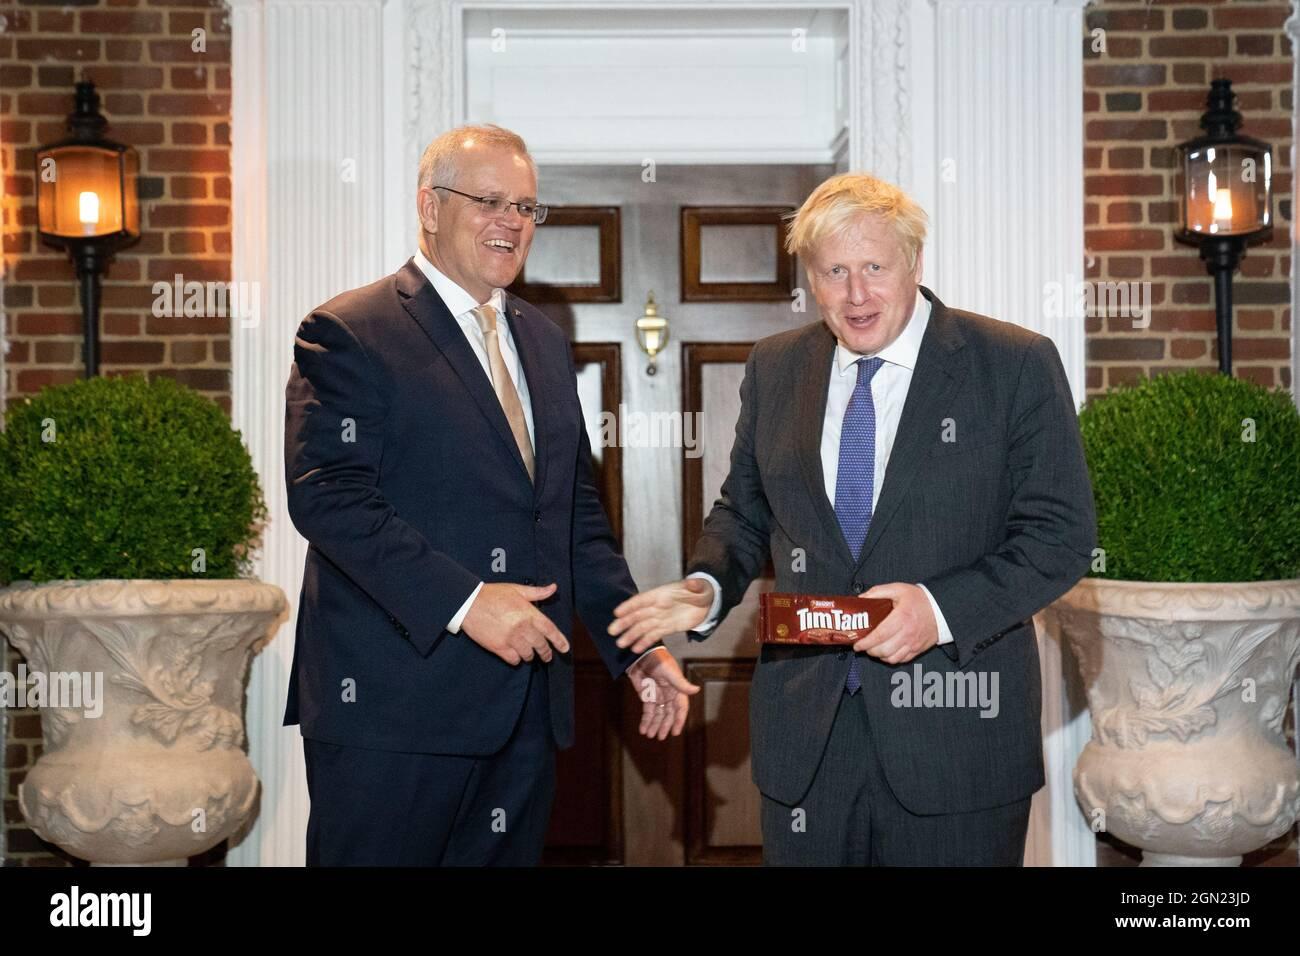 Premierminister Boris Johnson erhält ein Paket mit dem australischen Snack, Tim Tams, als er von seinem australischen Amtskollegen Scott Morrison in Washington DC während seines Besuchs in den Vereinigten Staaten zur Generalversammlung der Vereinten Nationen begrüßt wird. Bilddatum: Dienstag, 21. September 2021. Stockfoto